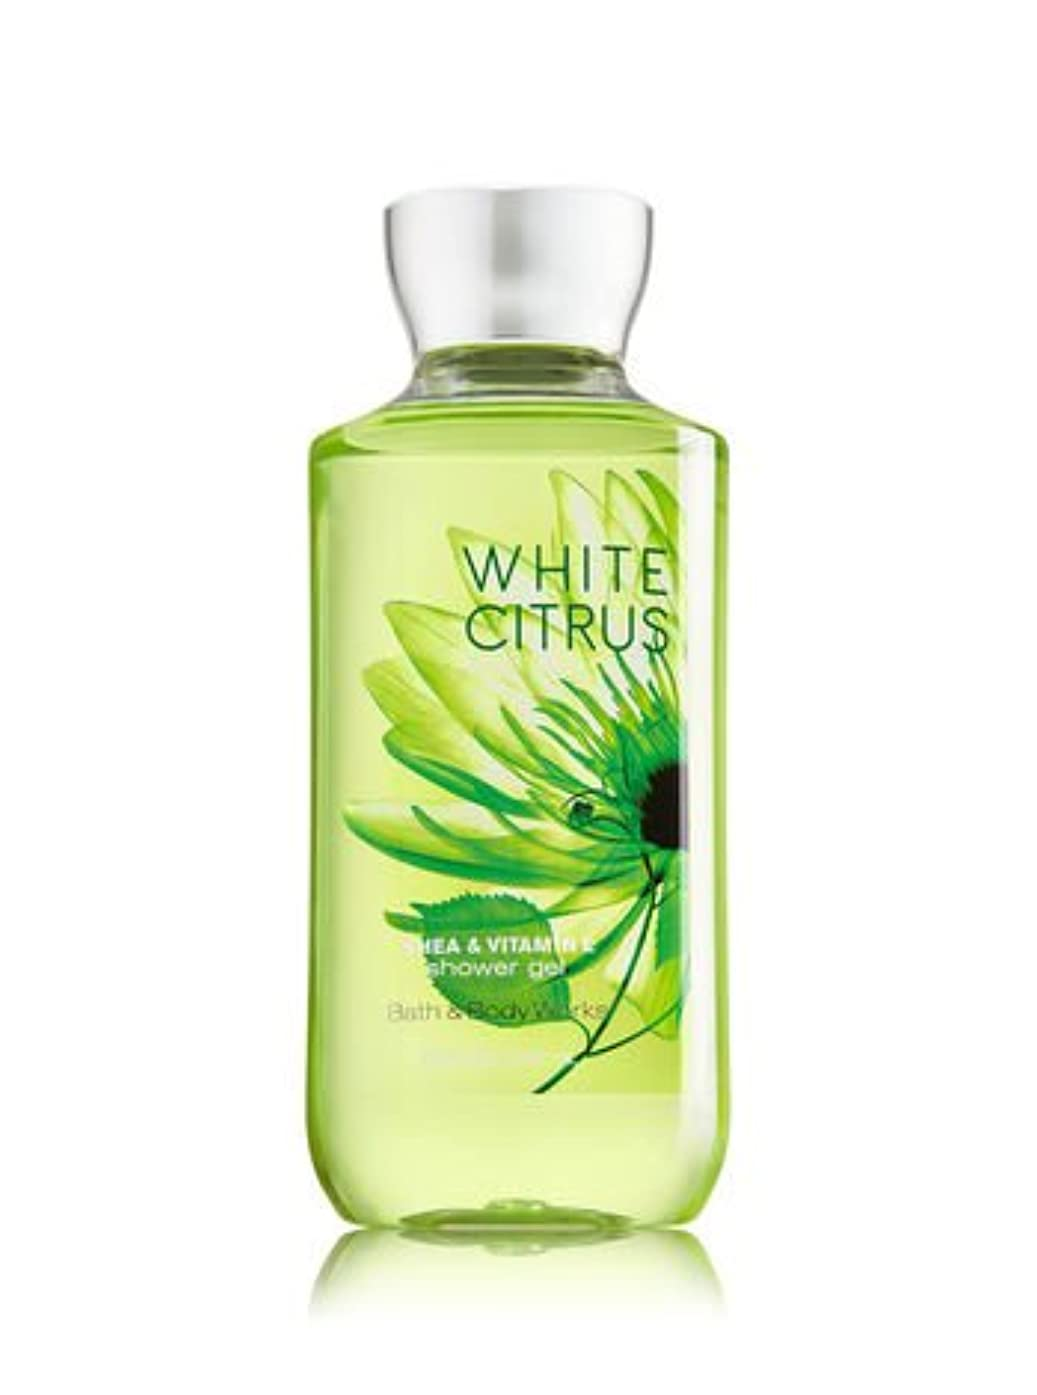 取り囲むダウンタウン関連付けるバス&ボディワークス ホワイトシトラス シャワージェル White Citrus Shower Gel [並行輸入品]